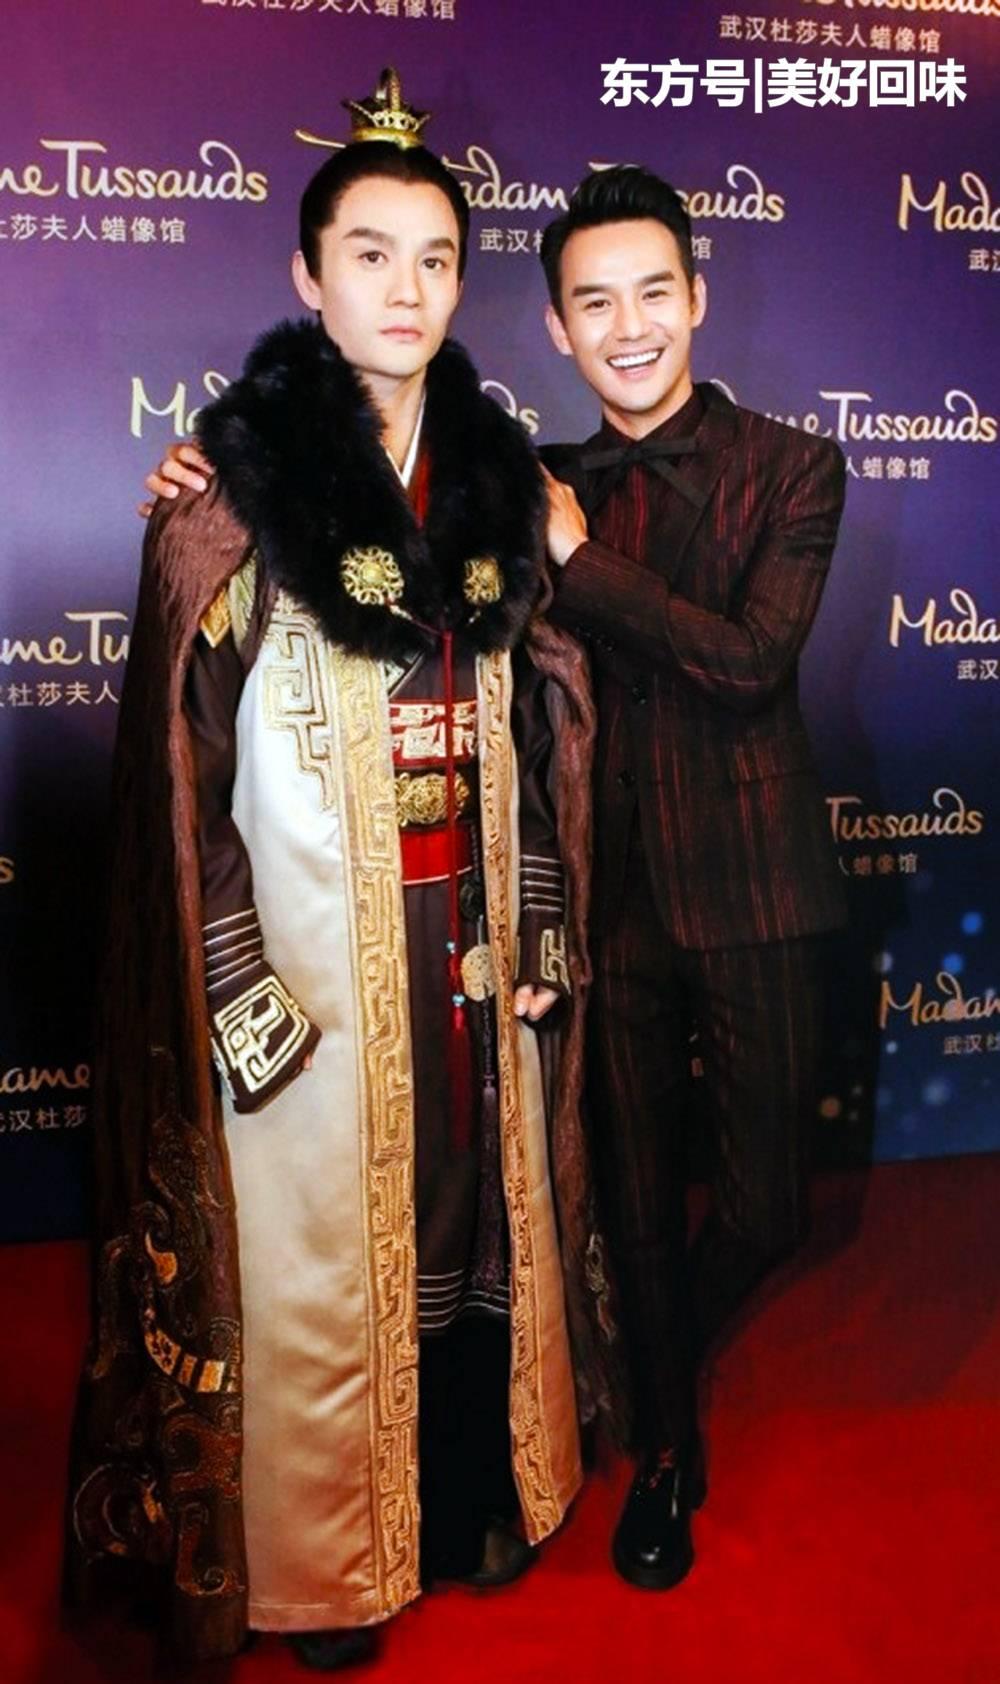 她是《大江大河》里王凯的妻子,也是《外滩钟声》里俞灏明的女儿